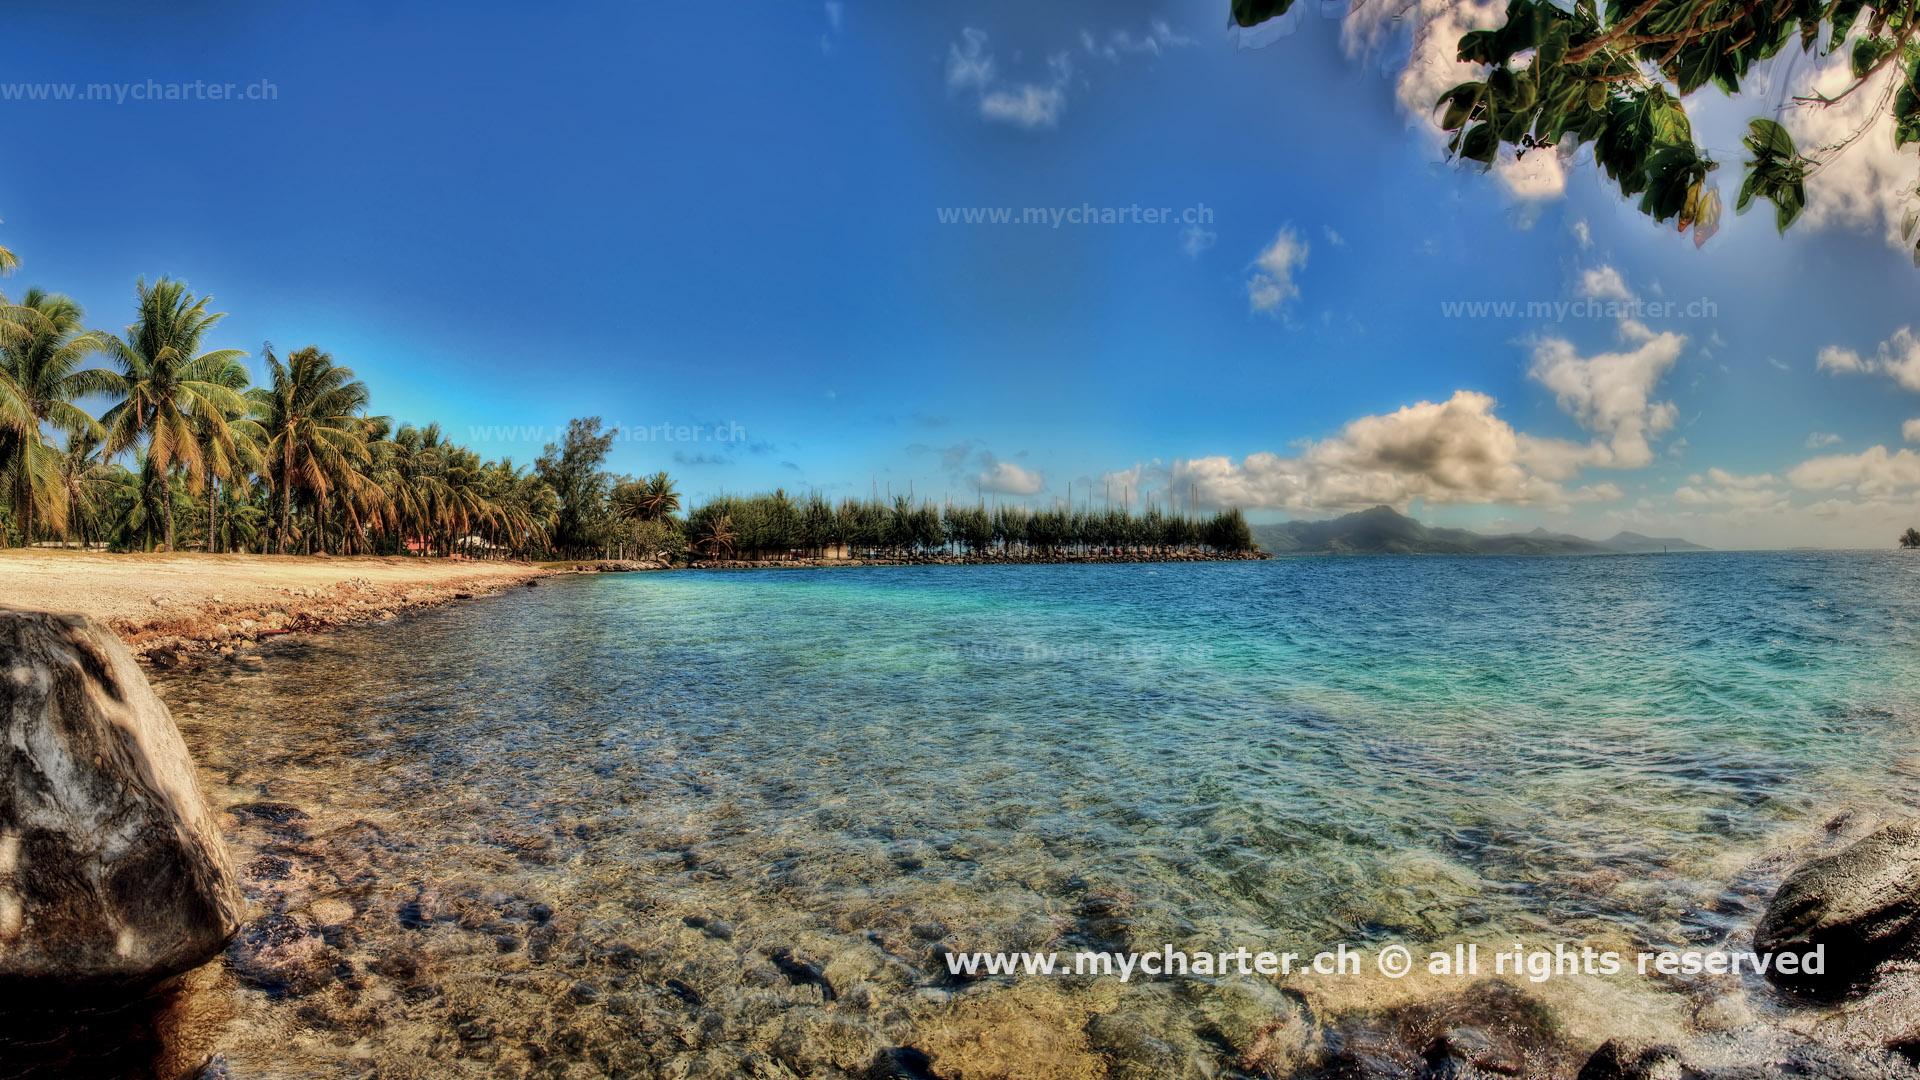 Yachtcharter Tahiti Insel Tahiti